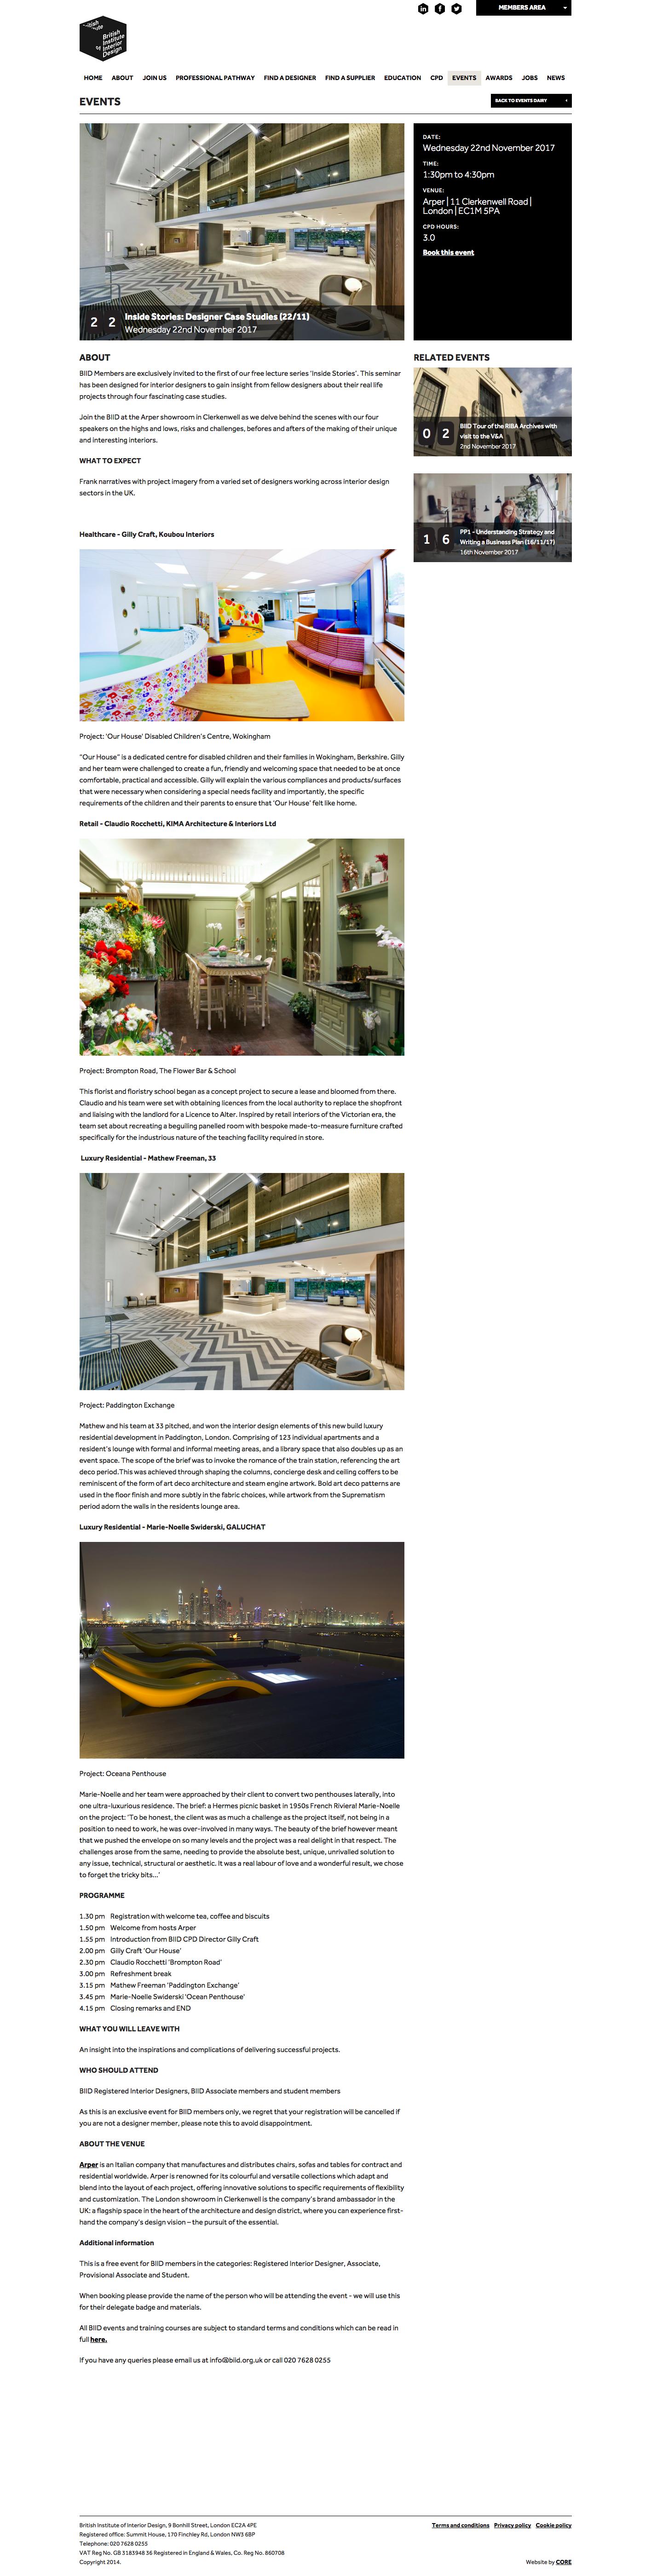 screencapture-biid-org-uk-events-inside-stories-designer-case-studies-1507837851445.png